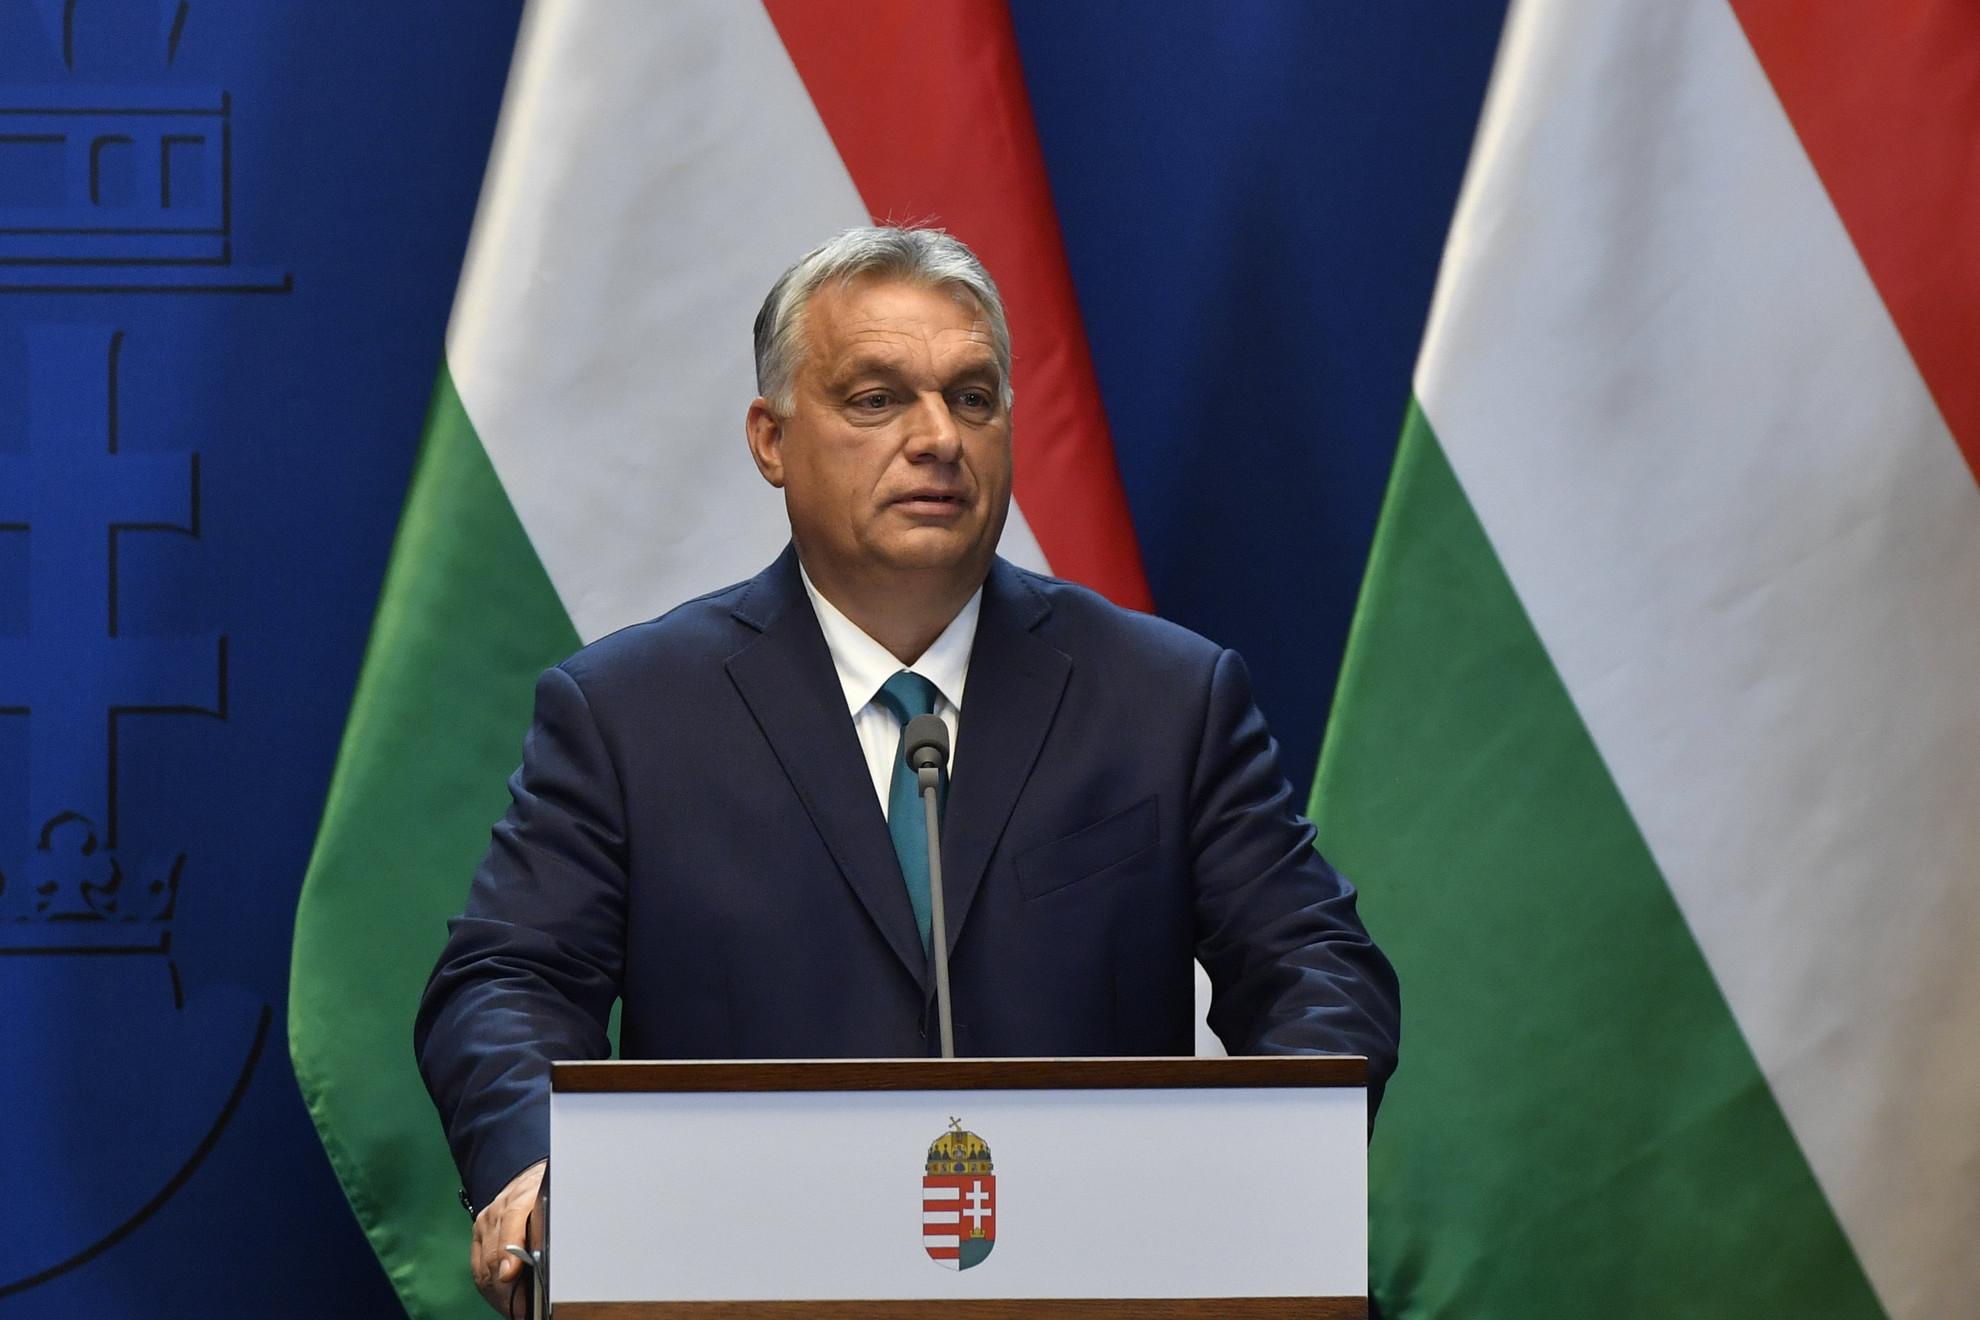 Magyarország természetesen a NATO-nak és az EU-nak is tagja, és az is marad, ez nem zárja ki bizonyos kérdésekben a politikai együttműködést Oroszországgal